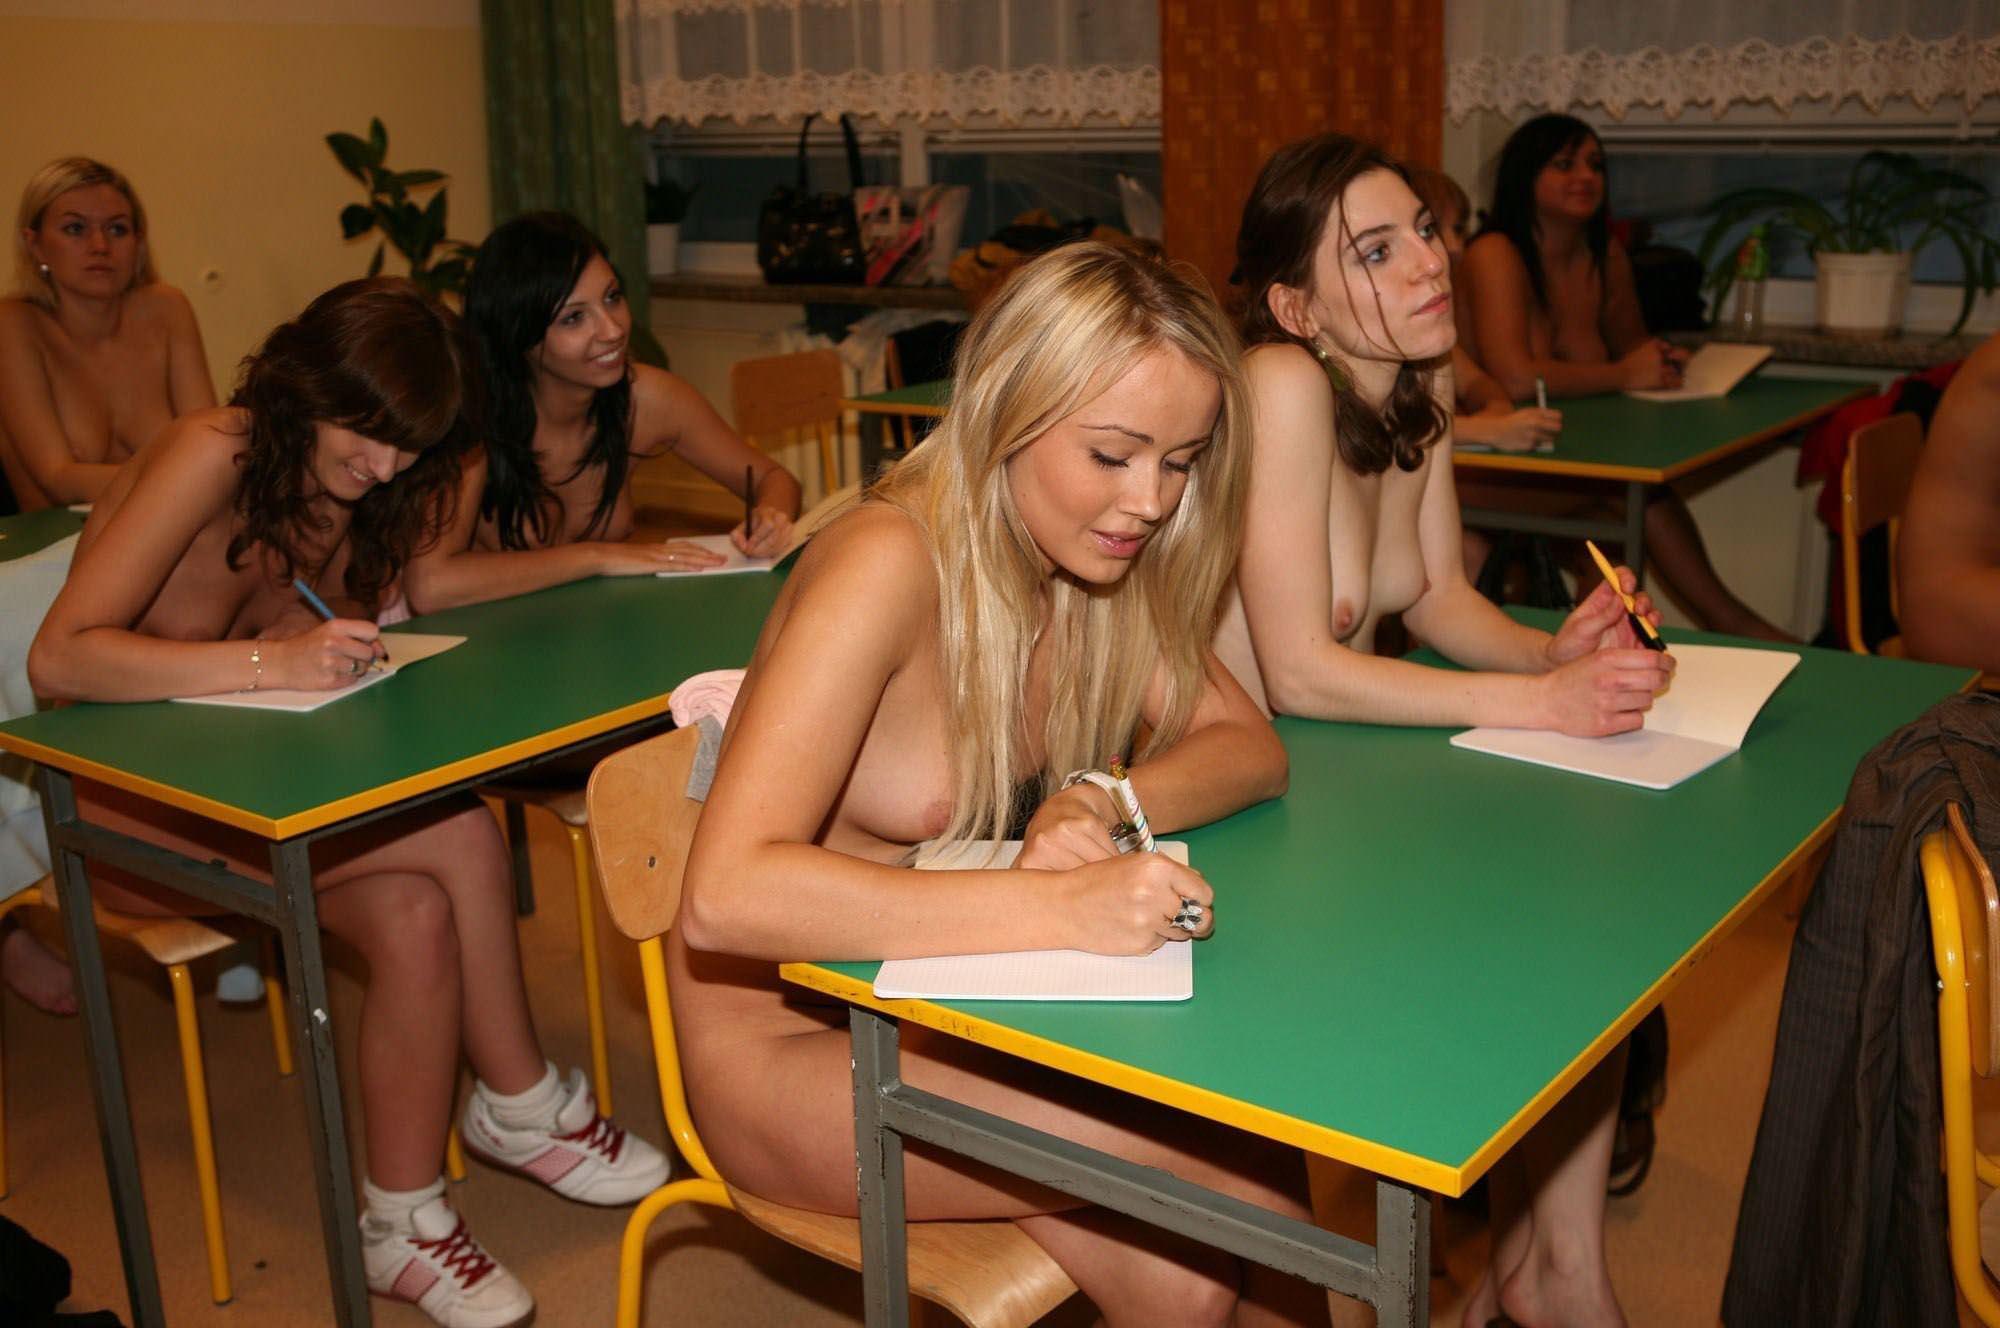 【外人】素っ裸のオールヌードで授業を受けるクラスのおふざけポルノ画像 8239